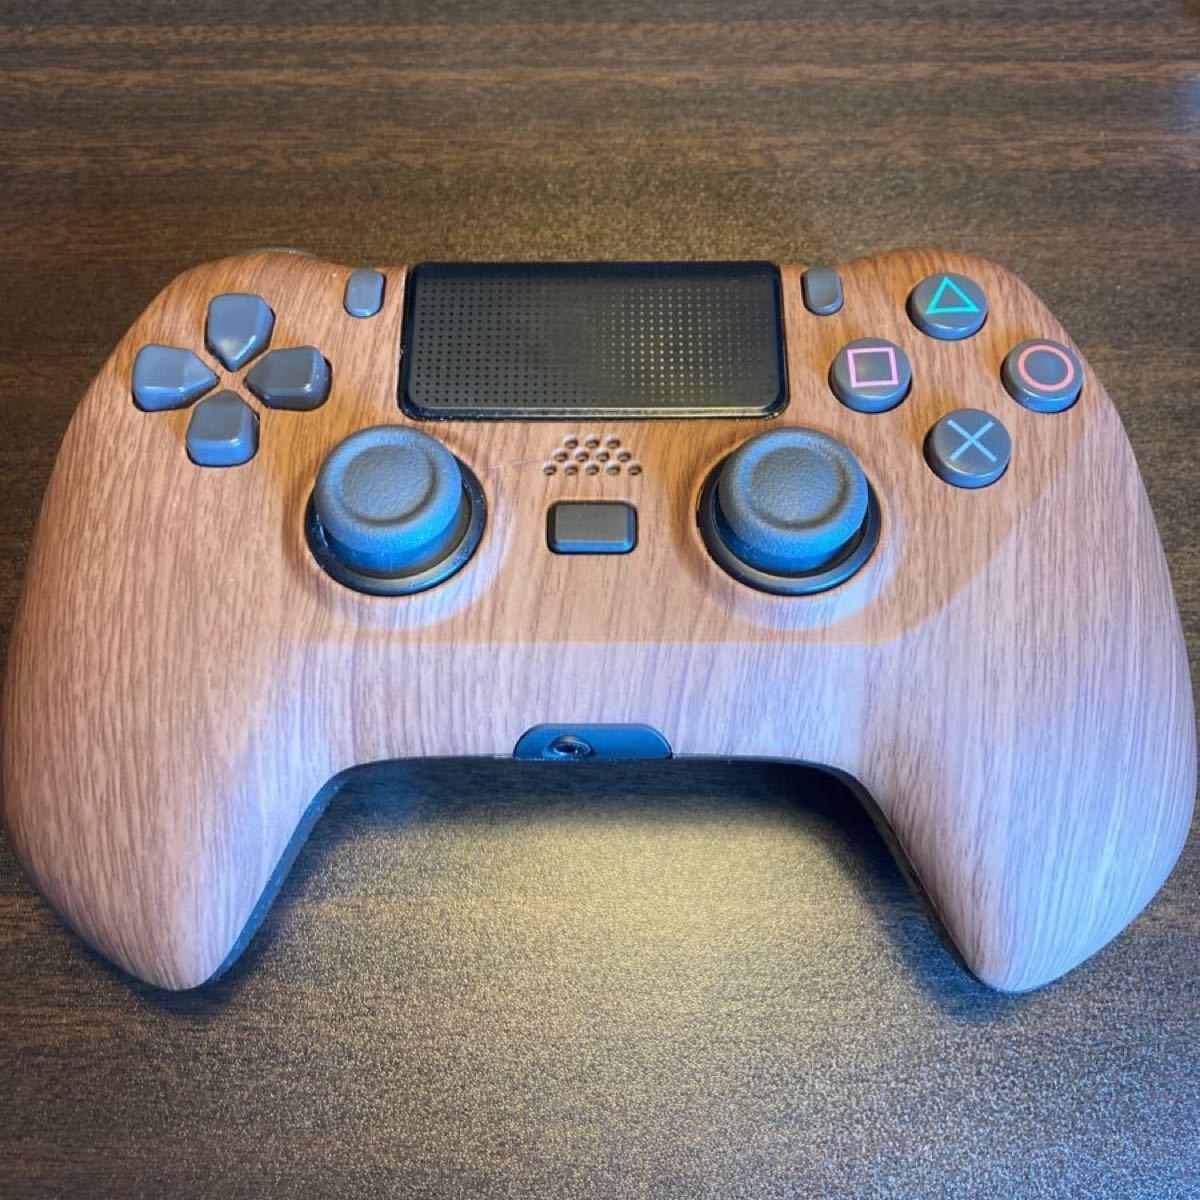 ps4 デュアルショック4 純正 カスタムコントローラー 背面ボタン